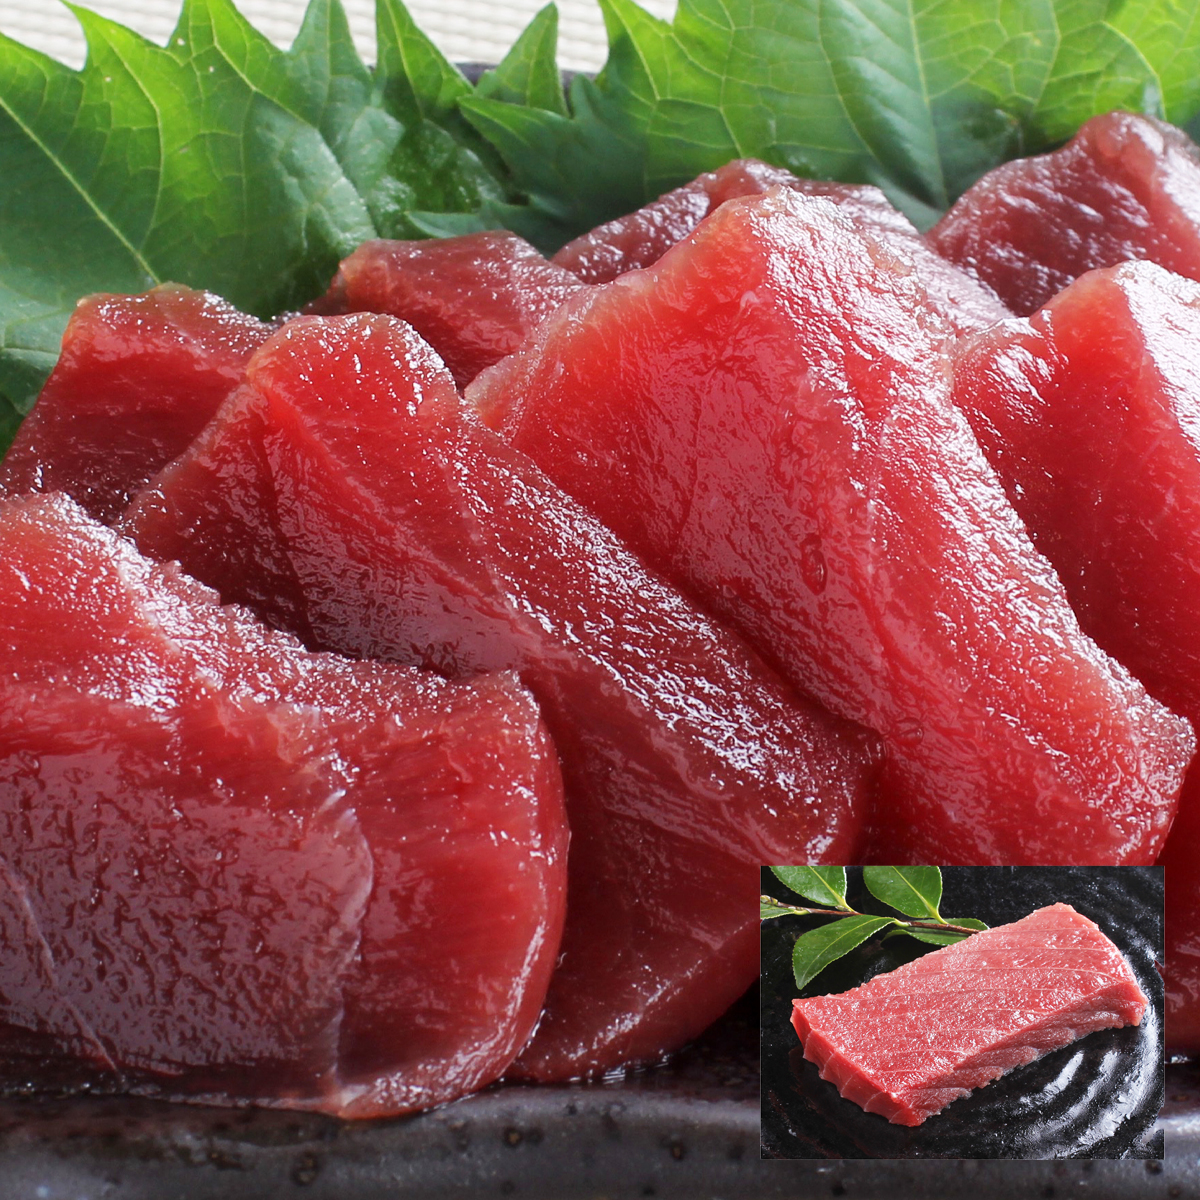 マグロは味で食べるなら 赤身 ギフト 伊達マグロ 人気 鮪 ブロック 150g きめ細かい脂のりが楽しめます まぐろ マグロ 海鮮丼 柵 ついに入荷 御祝 愛媛 誕生日 gd71 食べ物 国産 内祝 手巻き寿司 贈り物